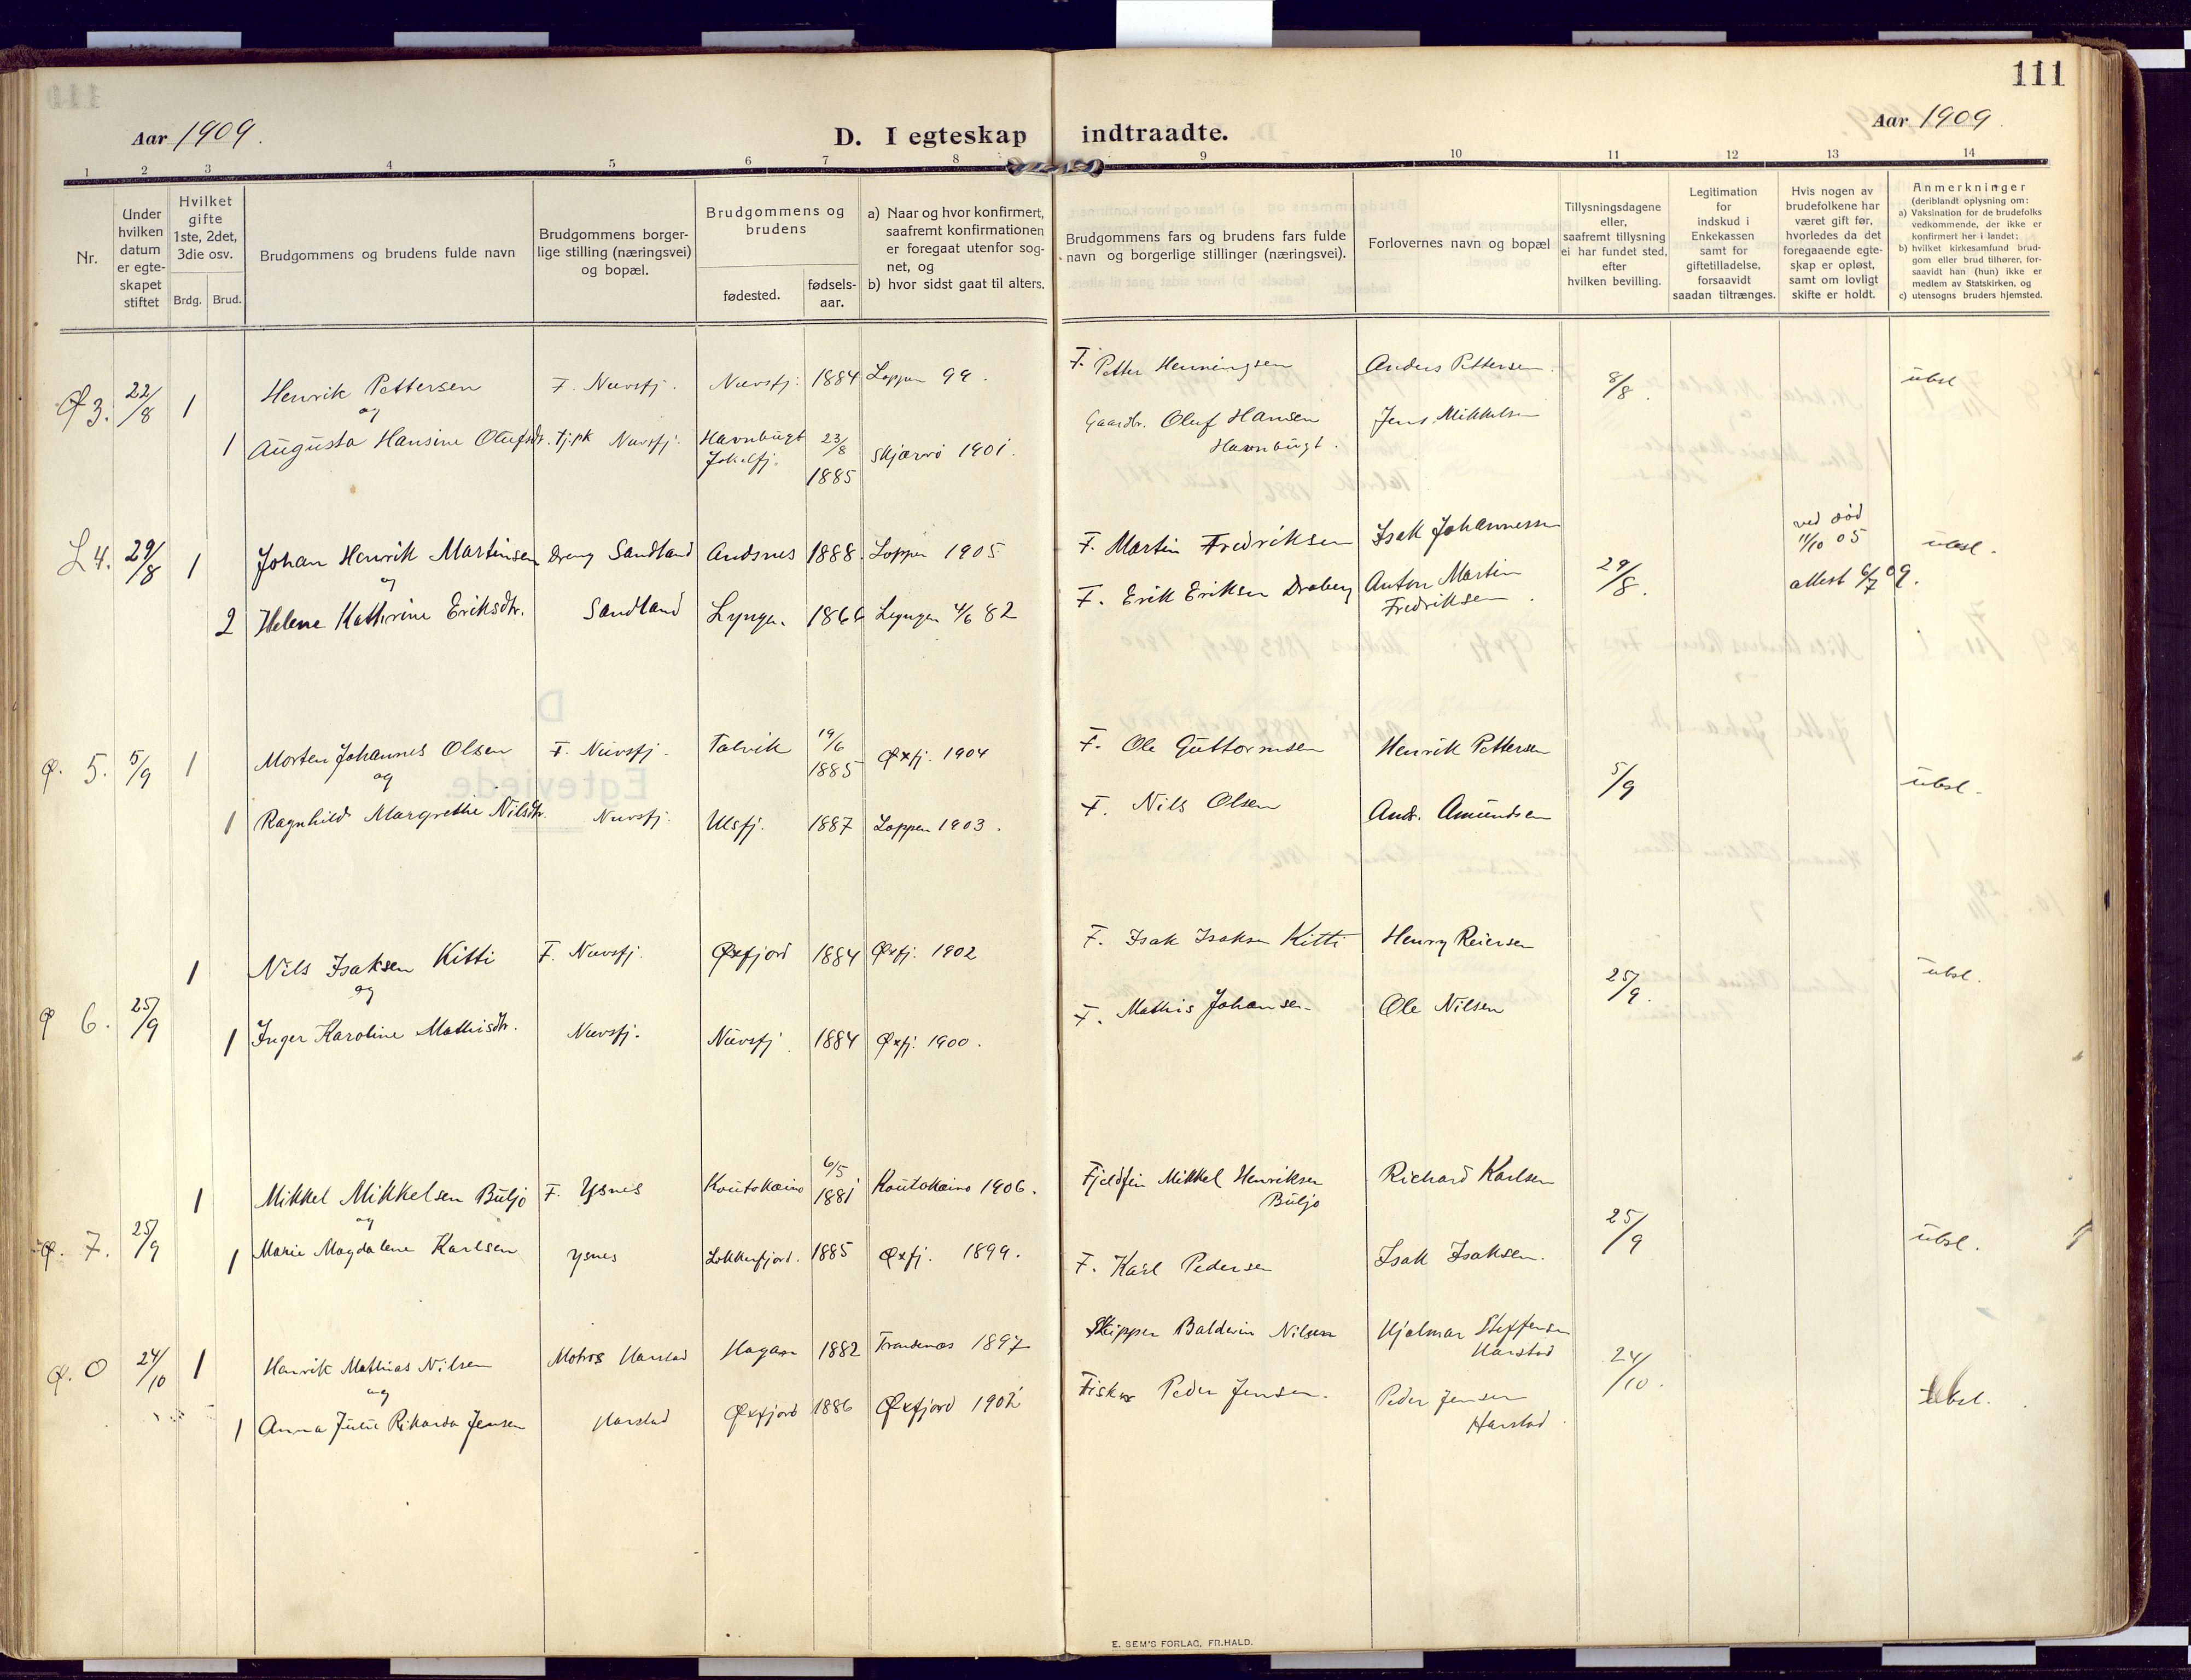 SATØ, Loppa sokneprestkontor, H/Ha/L0011kirke: Ministerialbok nr. 11, 1909-1919, s. 111